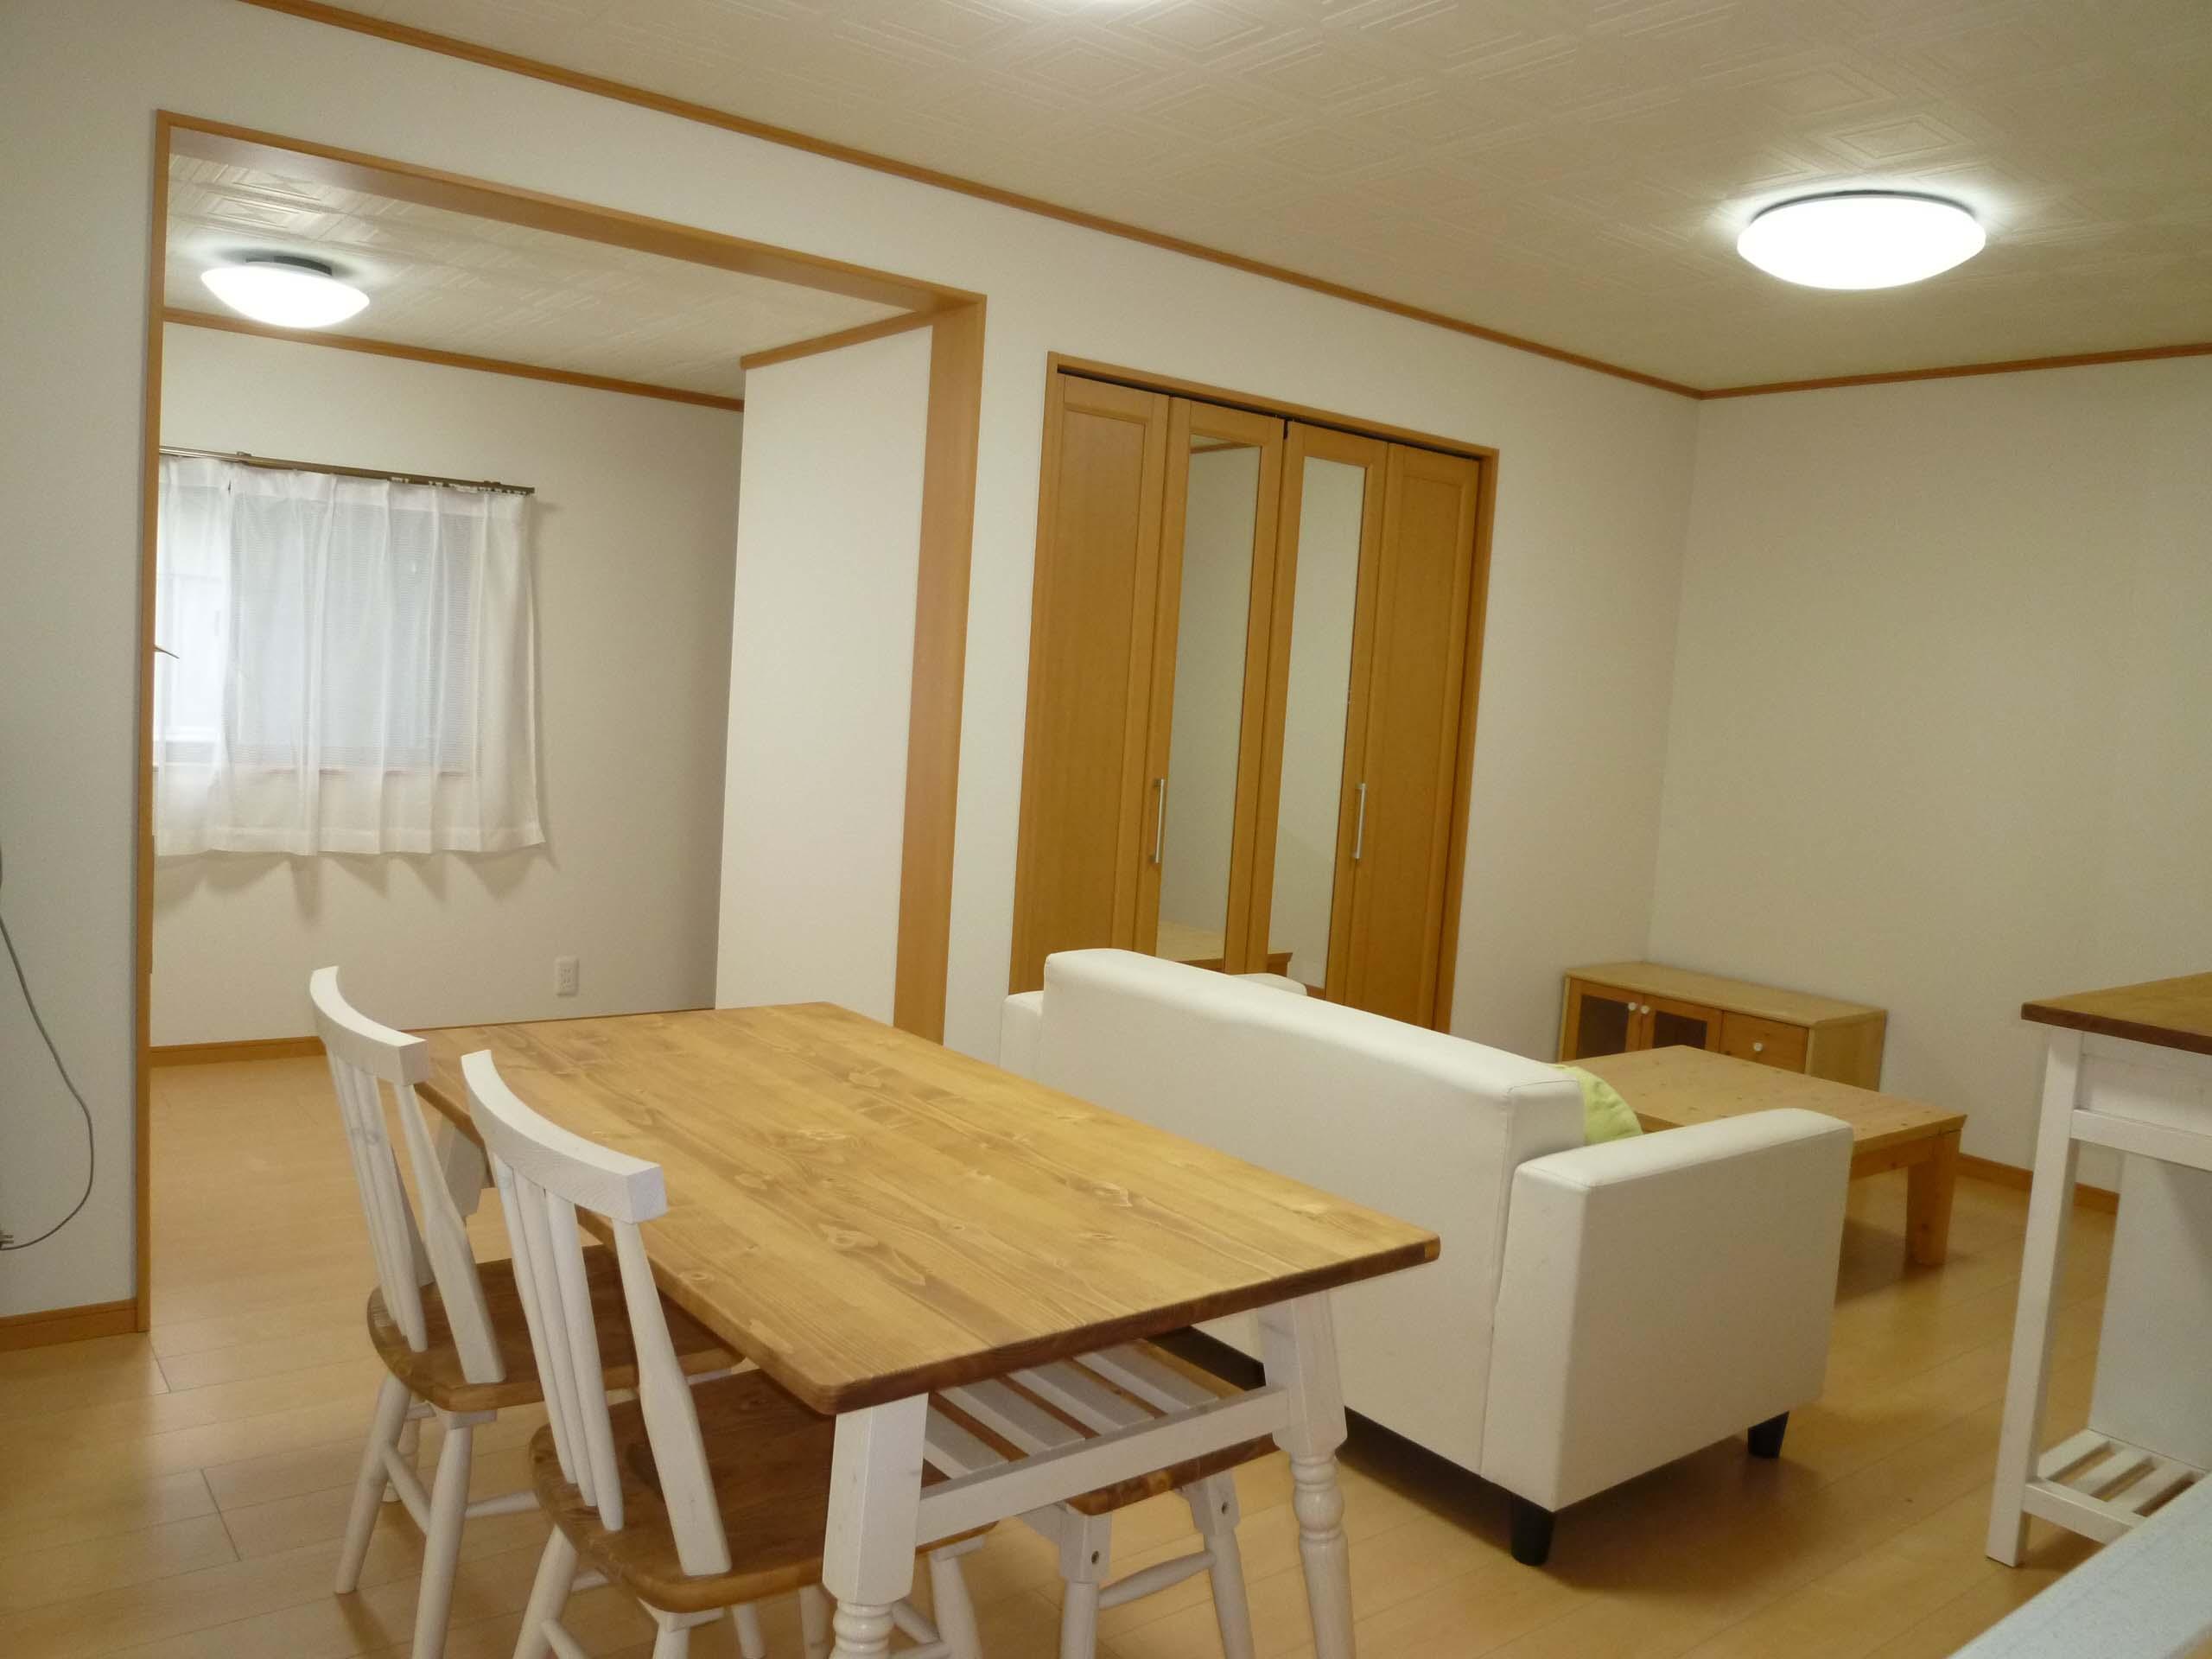 【西脇市リフォーム】中古住宅全面リフォーム施工後